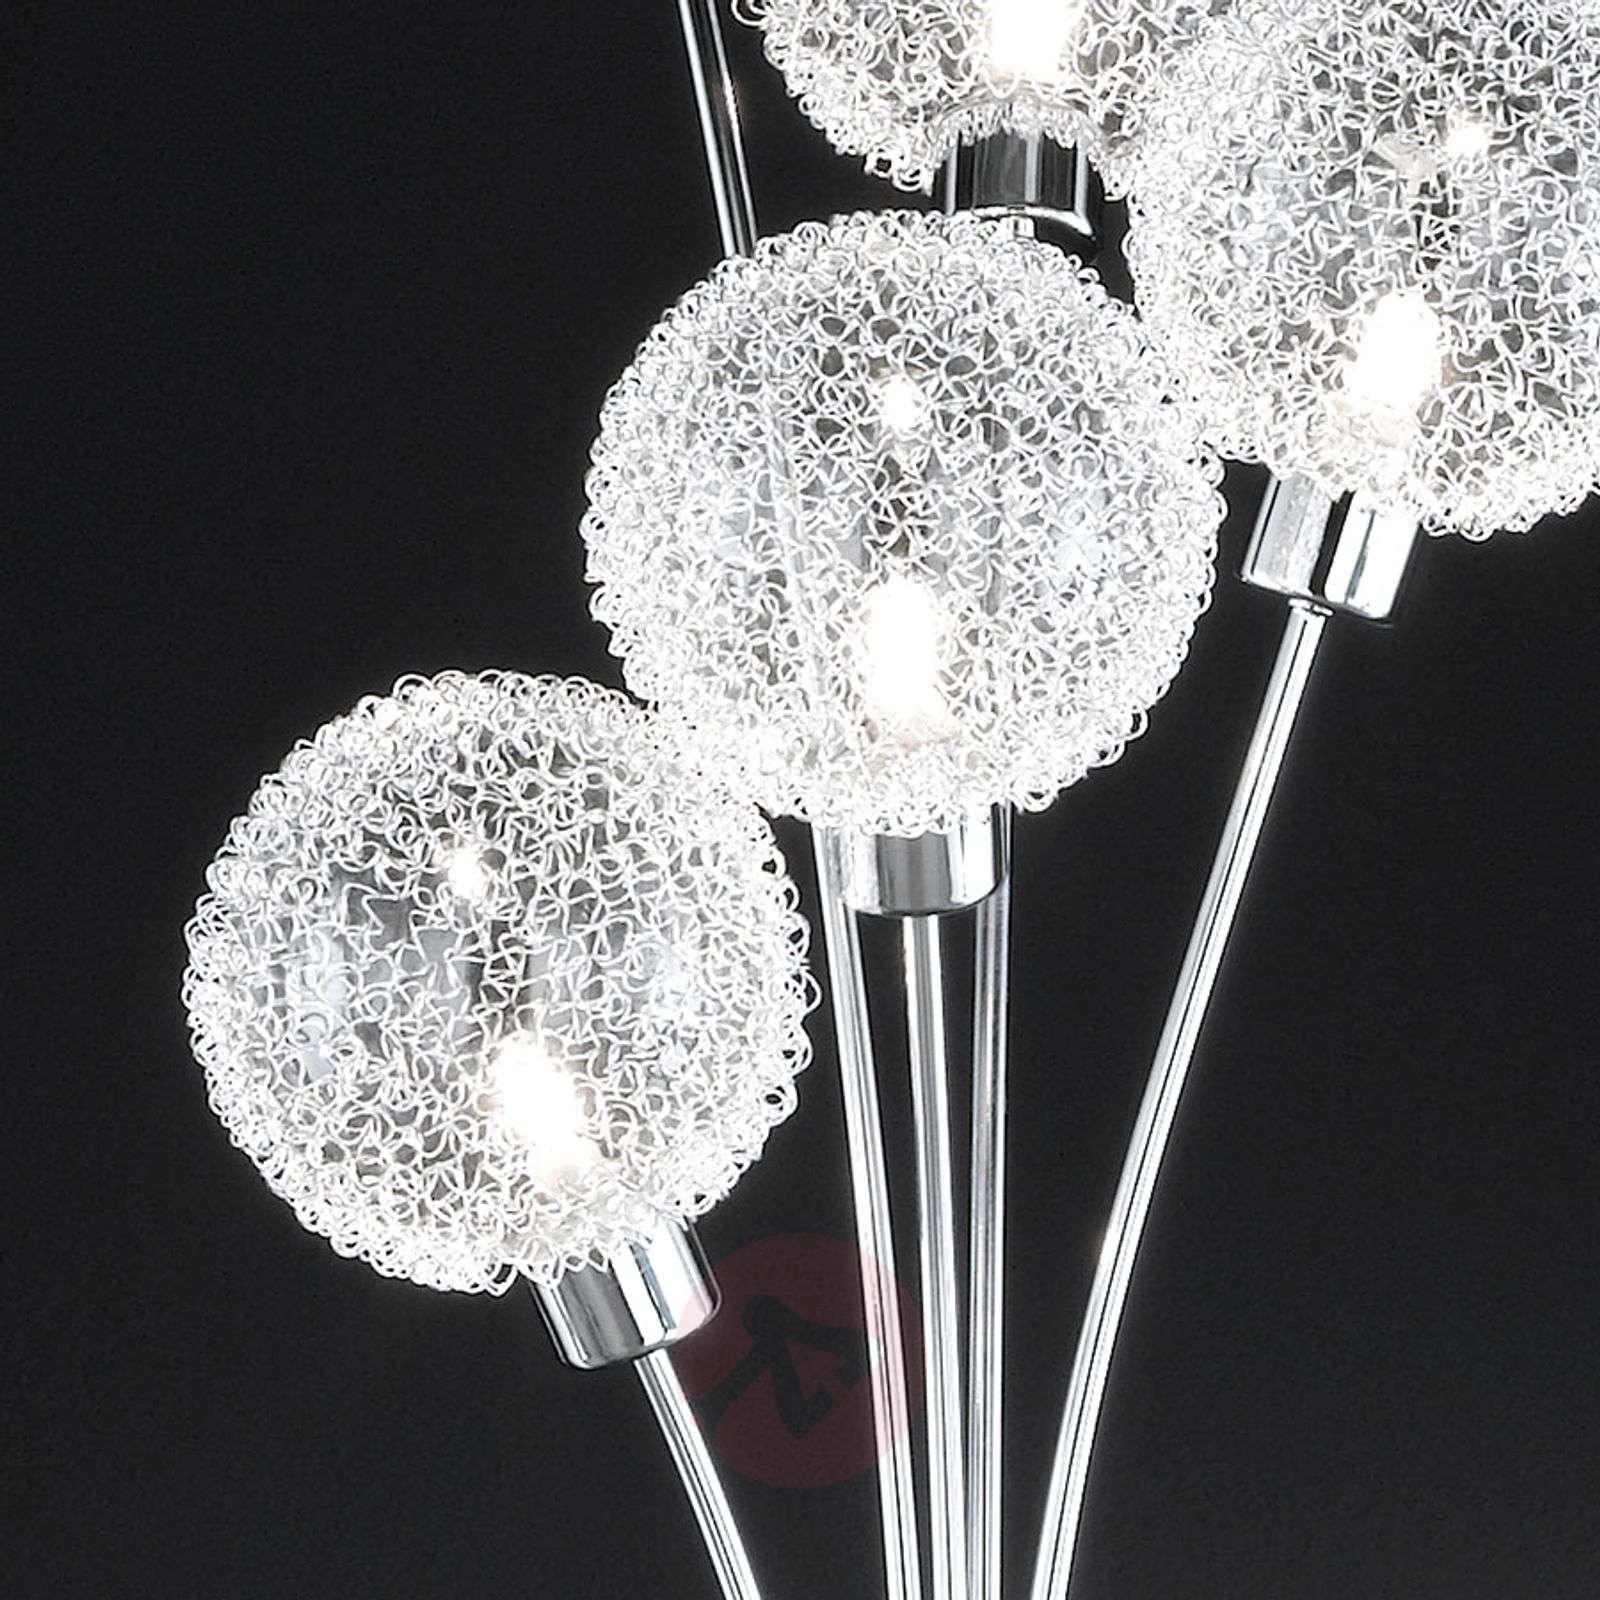 Arc floor lamp with multiple bulbs lights arc floor lamp with multiple bulbs 9651379 01 aloadofball Image collections